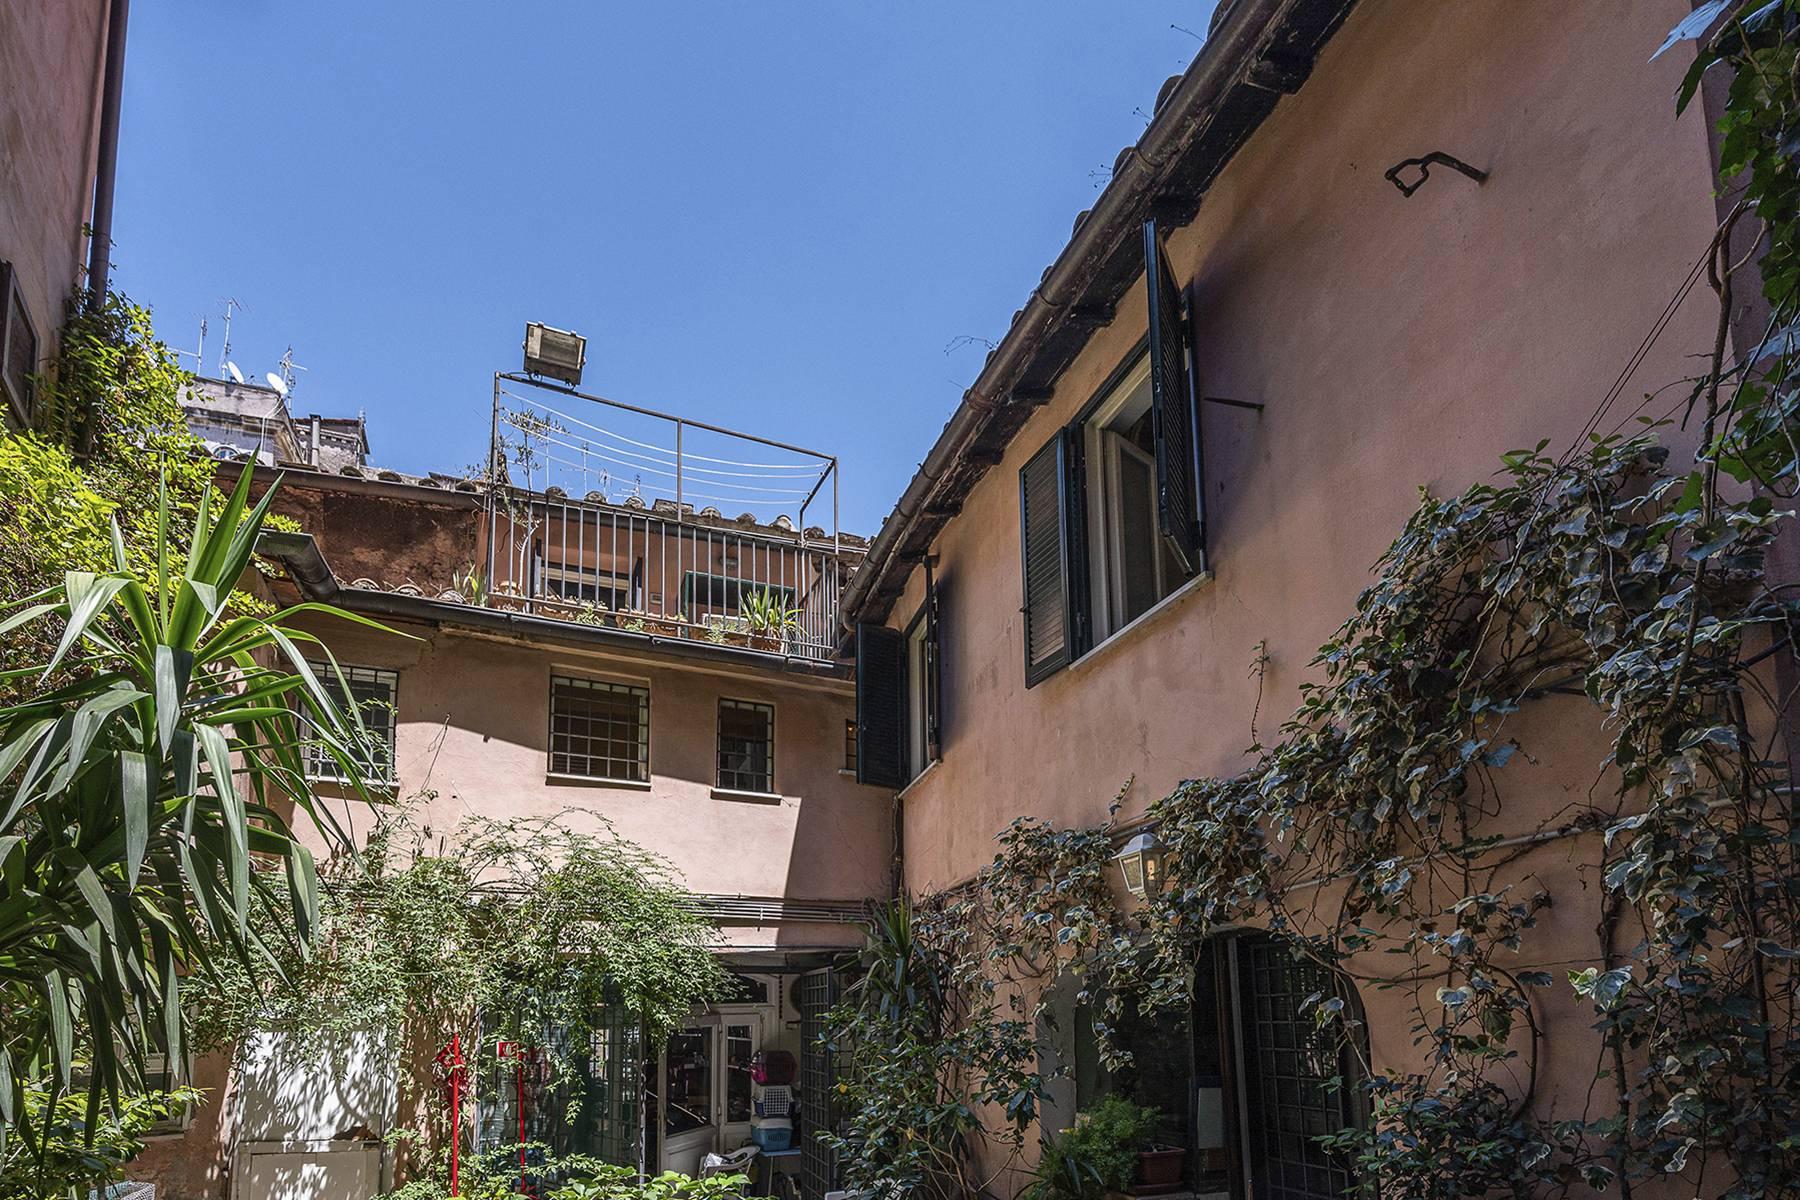 Casa indipendente in Vendita a Roma: 5 locali, 200 mq - Foto 23